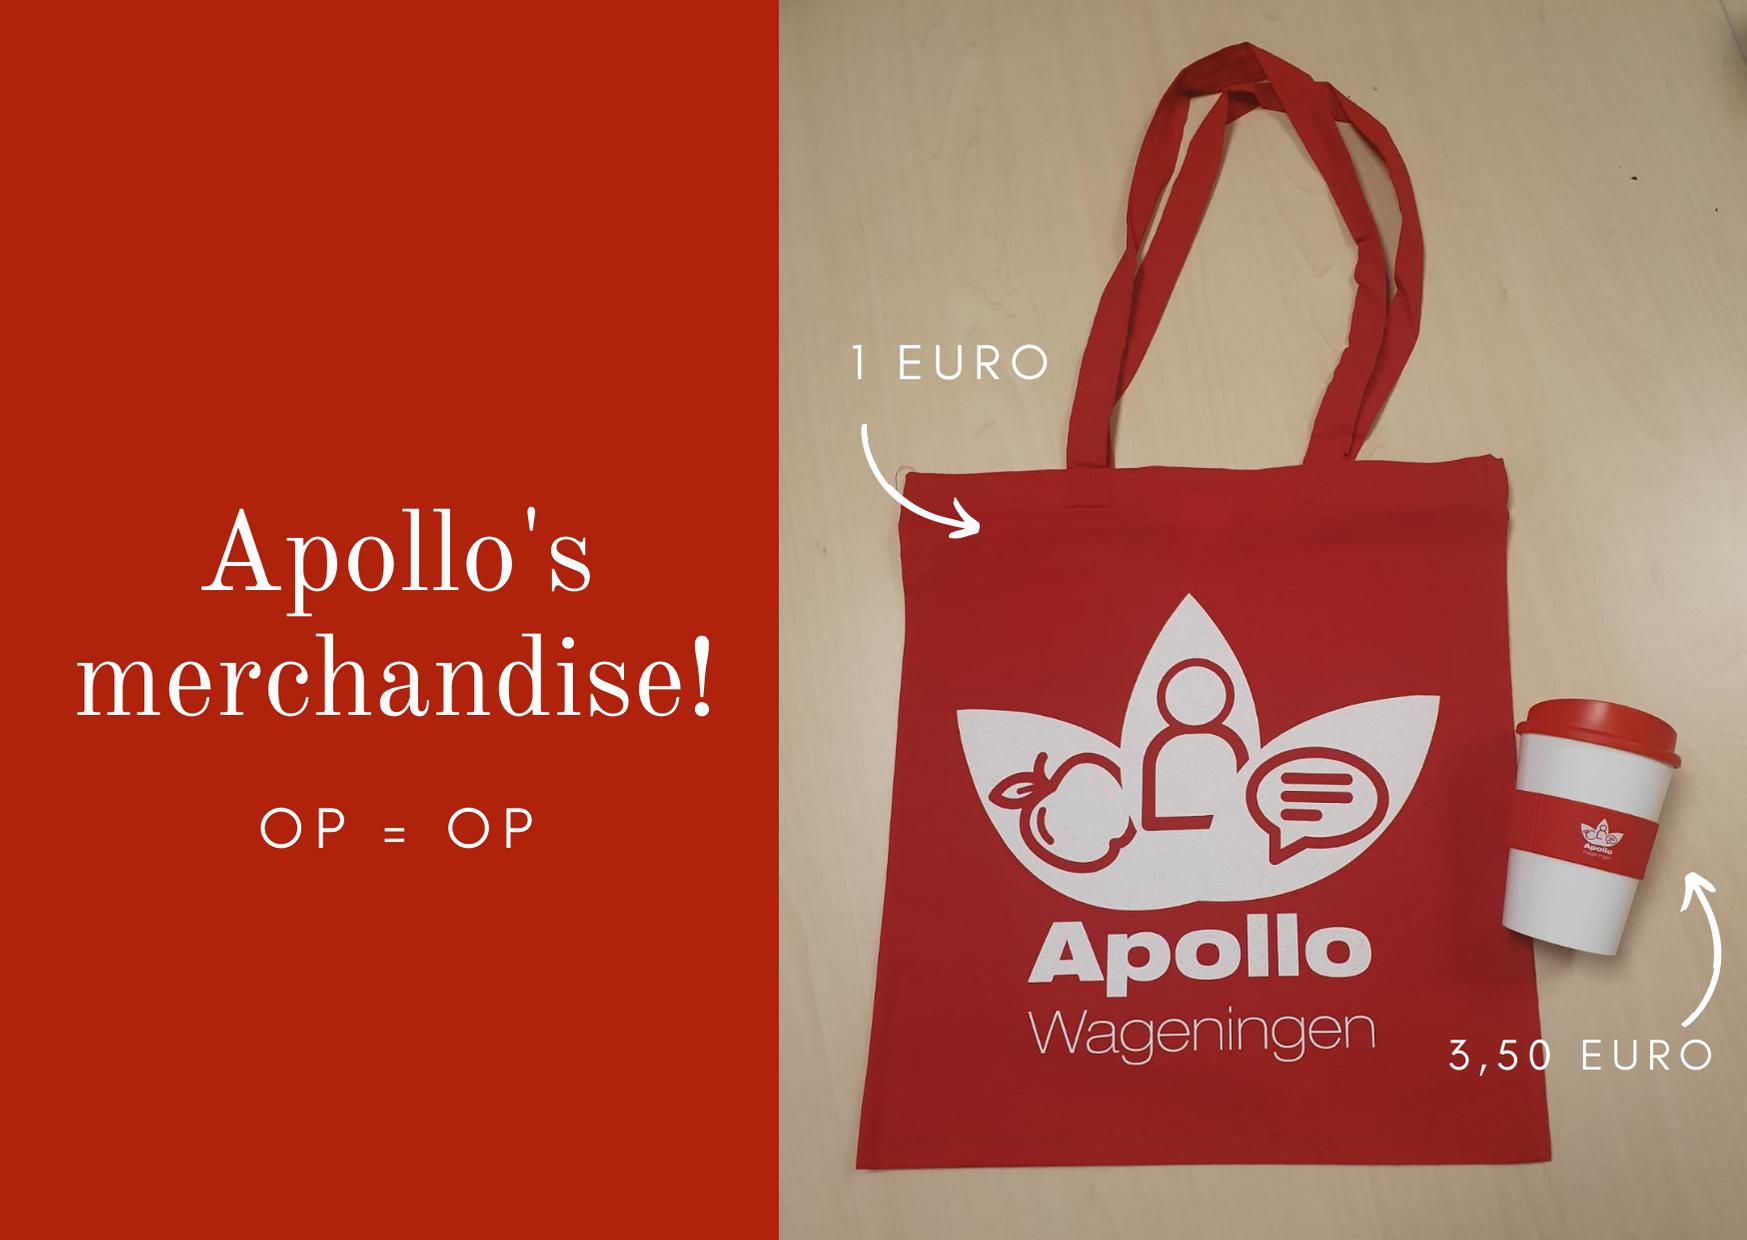 Apollo's merchandise!